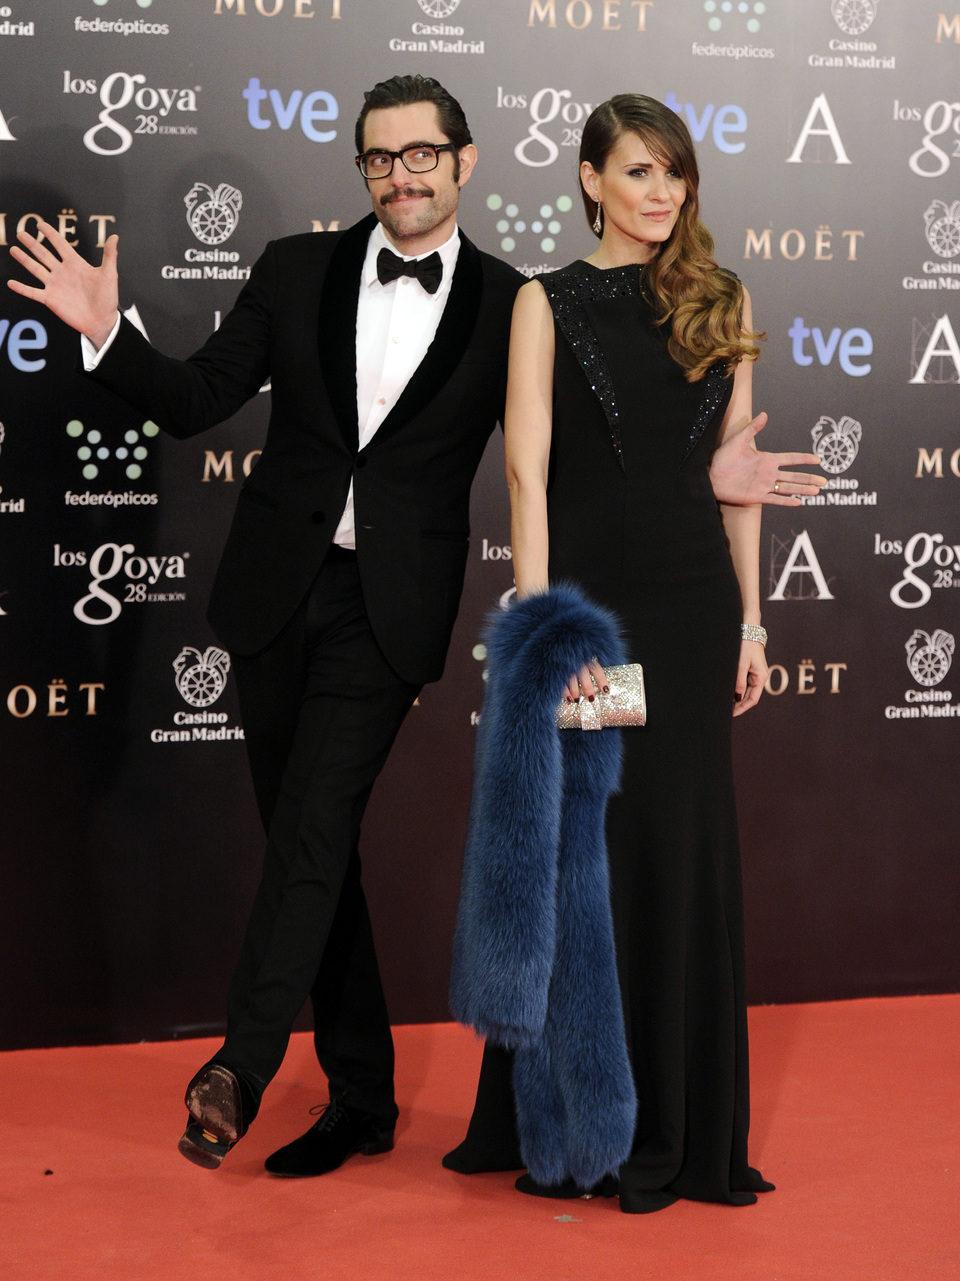 Elena Ballesteros y Dani Mateo en los Goya 2014